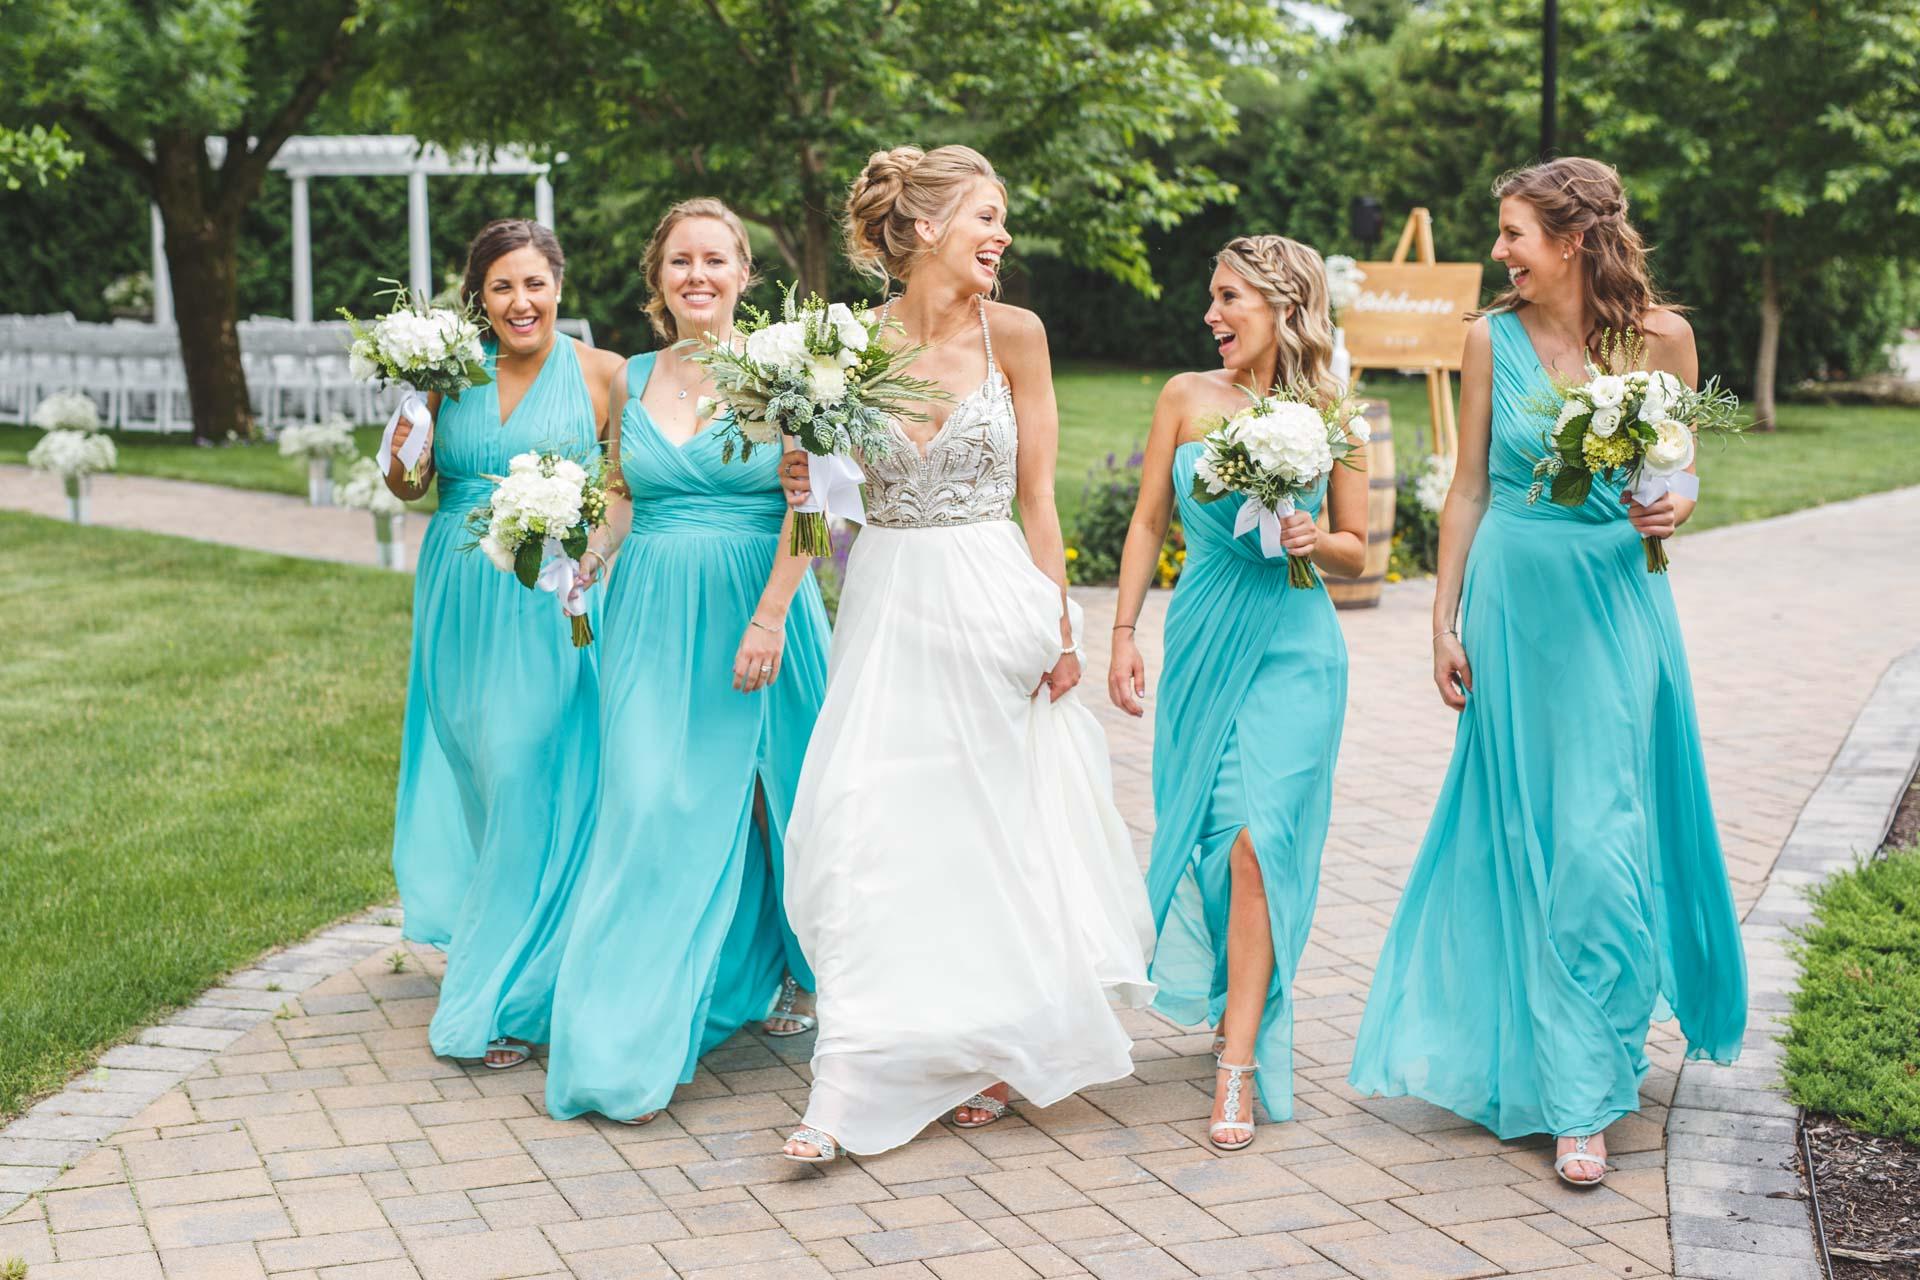 Farmington-Gardens-Wedding-Photos (22 of 66).jpg